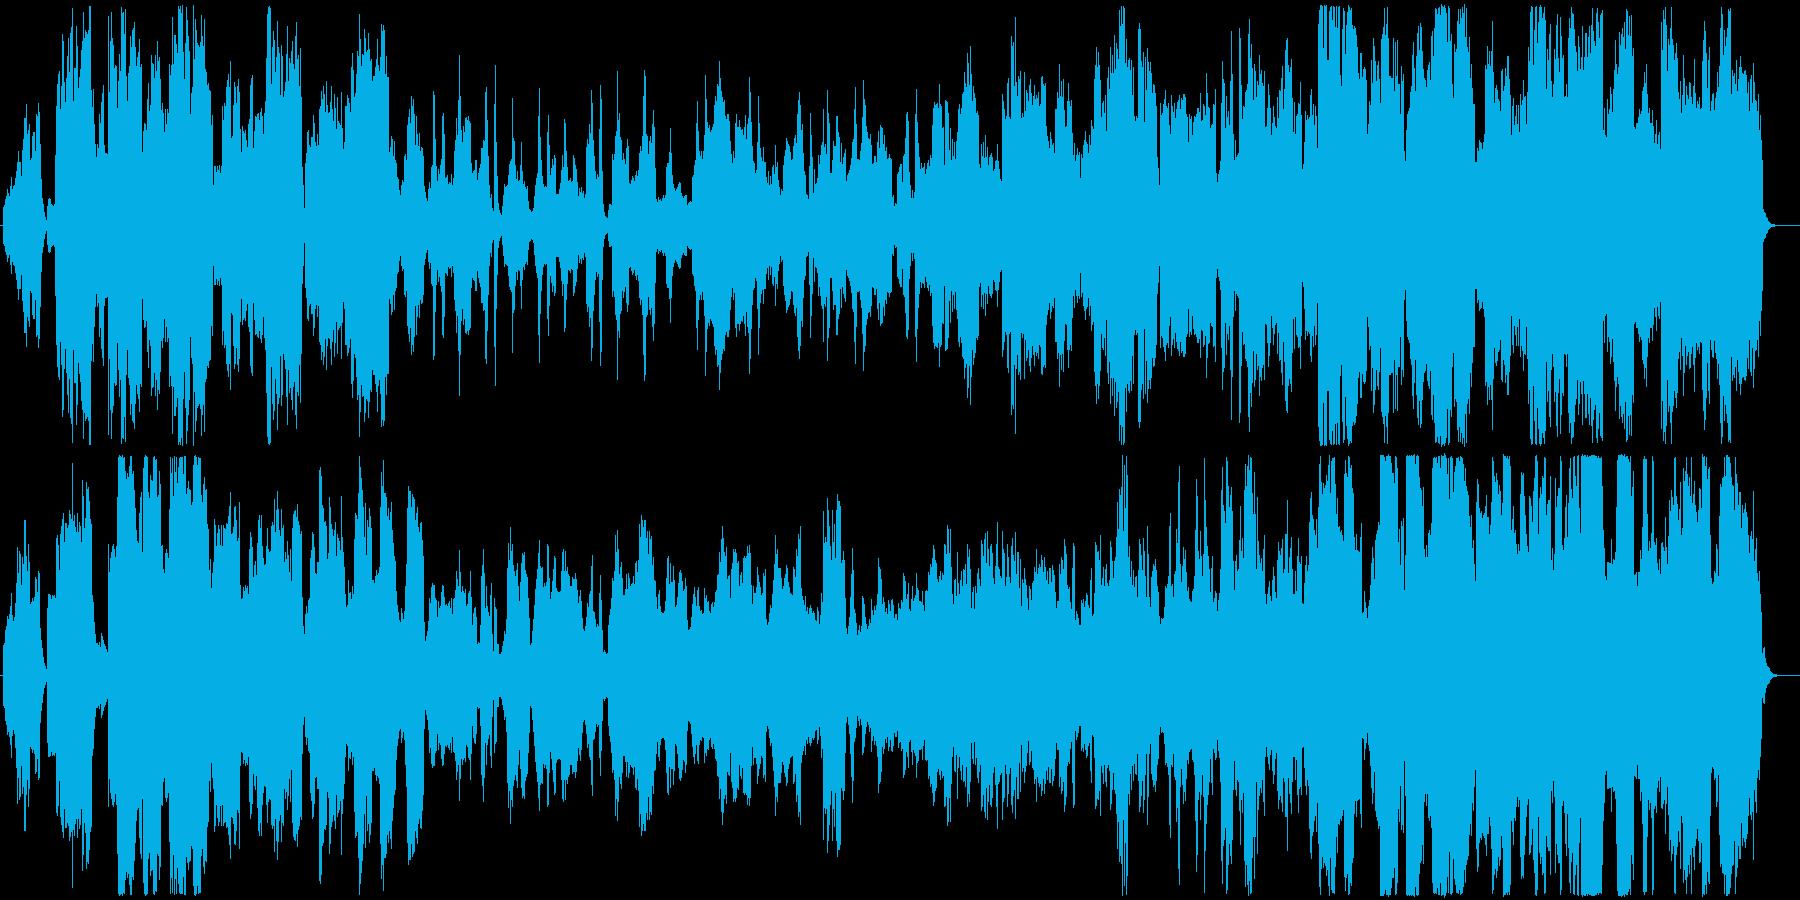 穏やかな雰囲気のオーケストラバラードの再生済みの波形